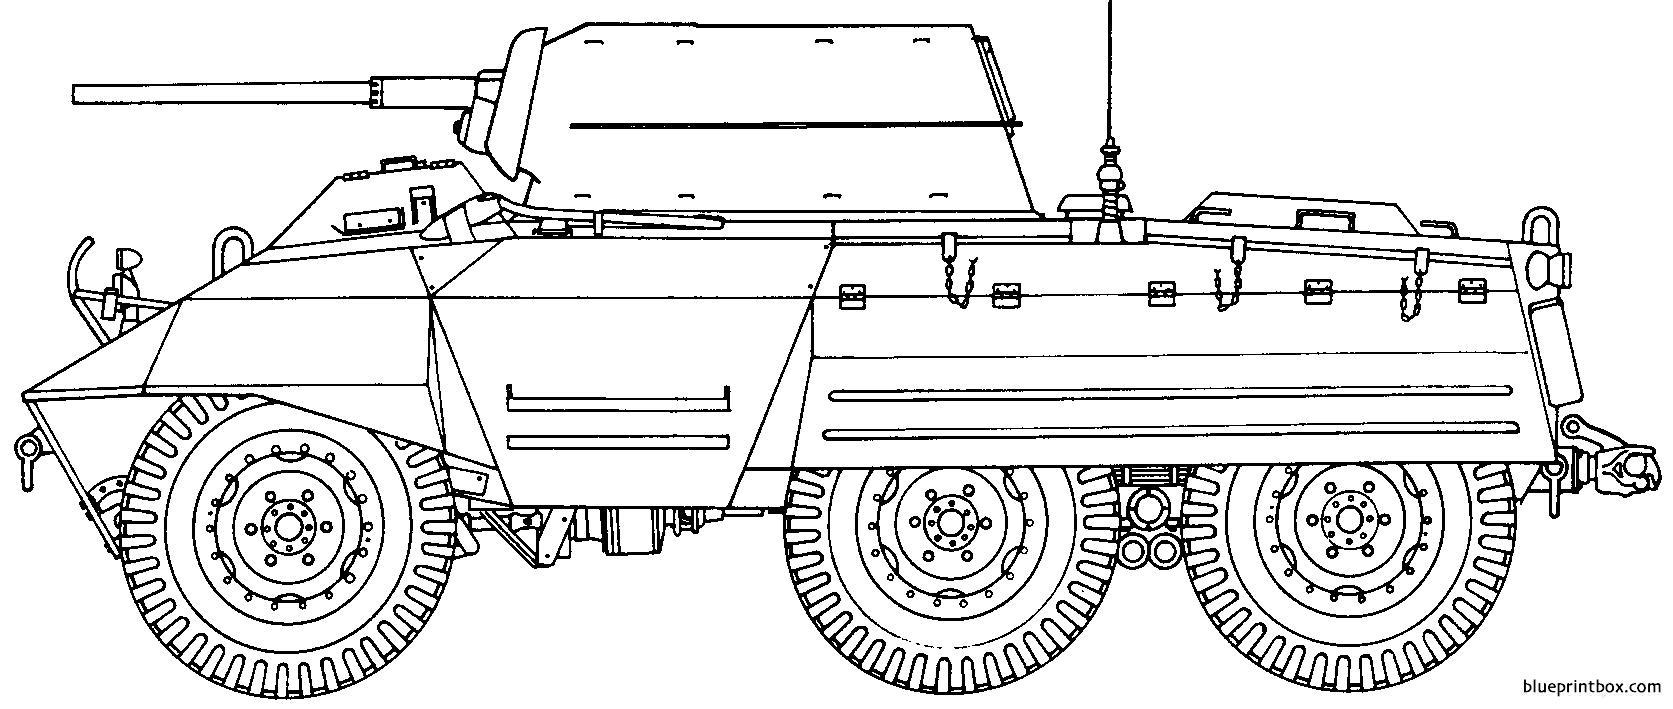 Ford M8 - Blueprintbox Com